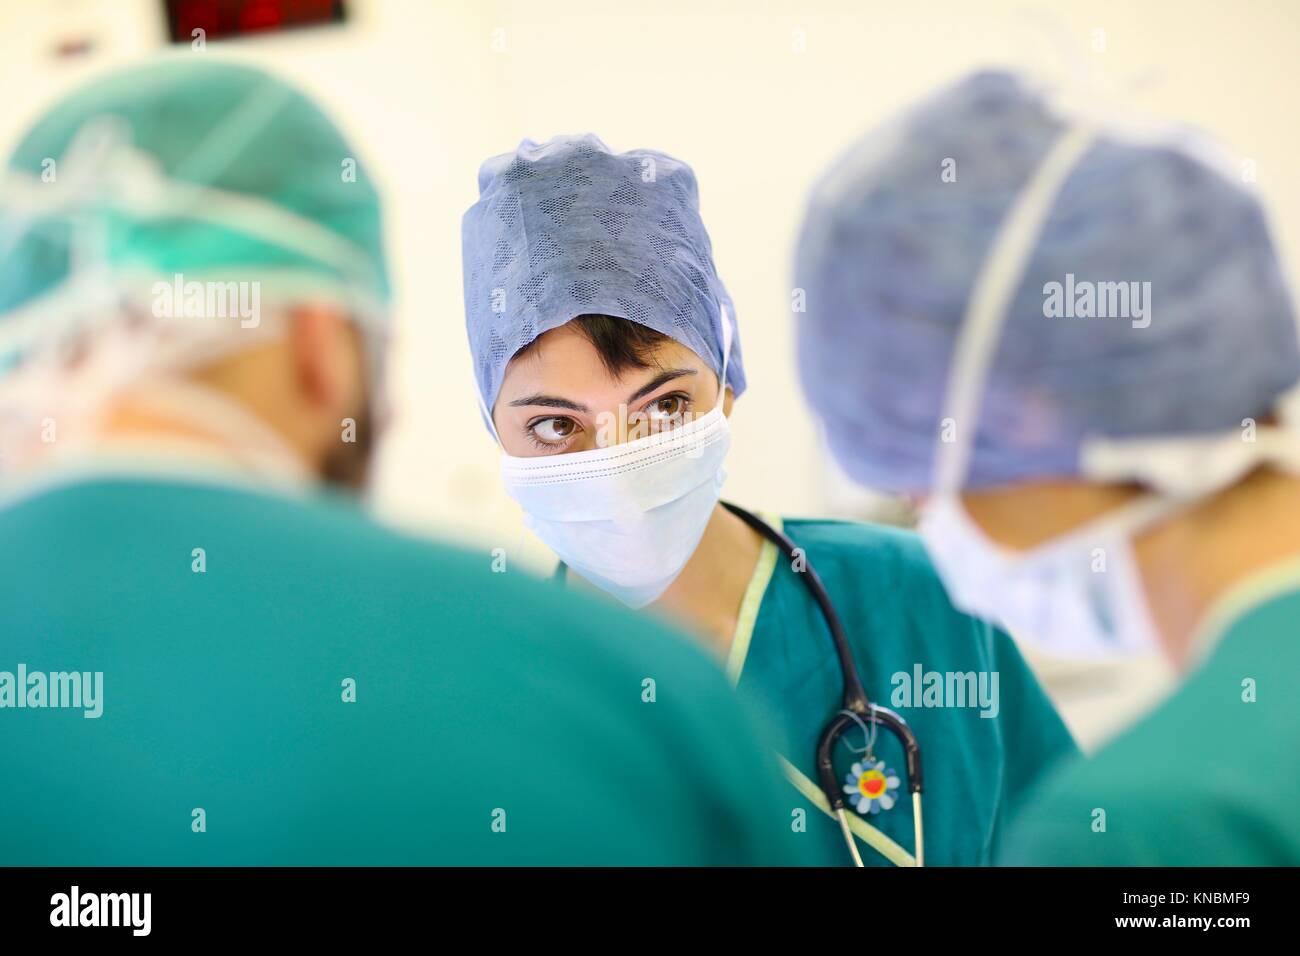 Chirurgien, chirurgie, bloc opératoire, hôpital, Espagne Banque D'Images